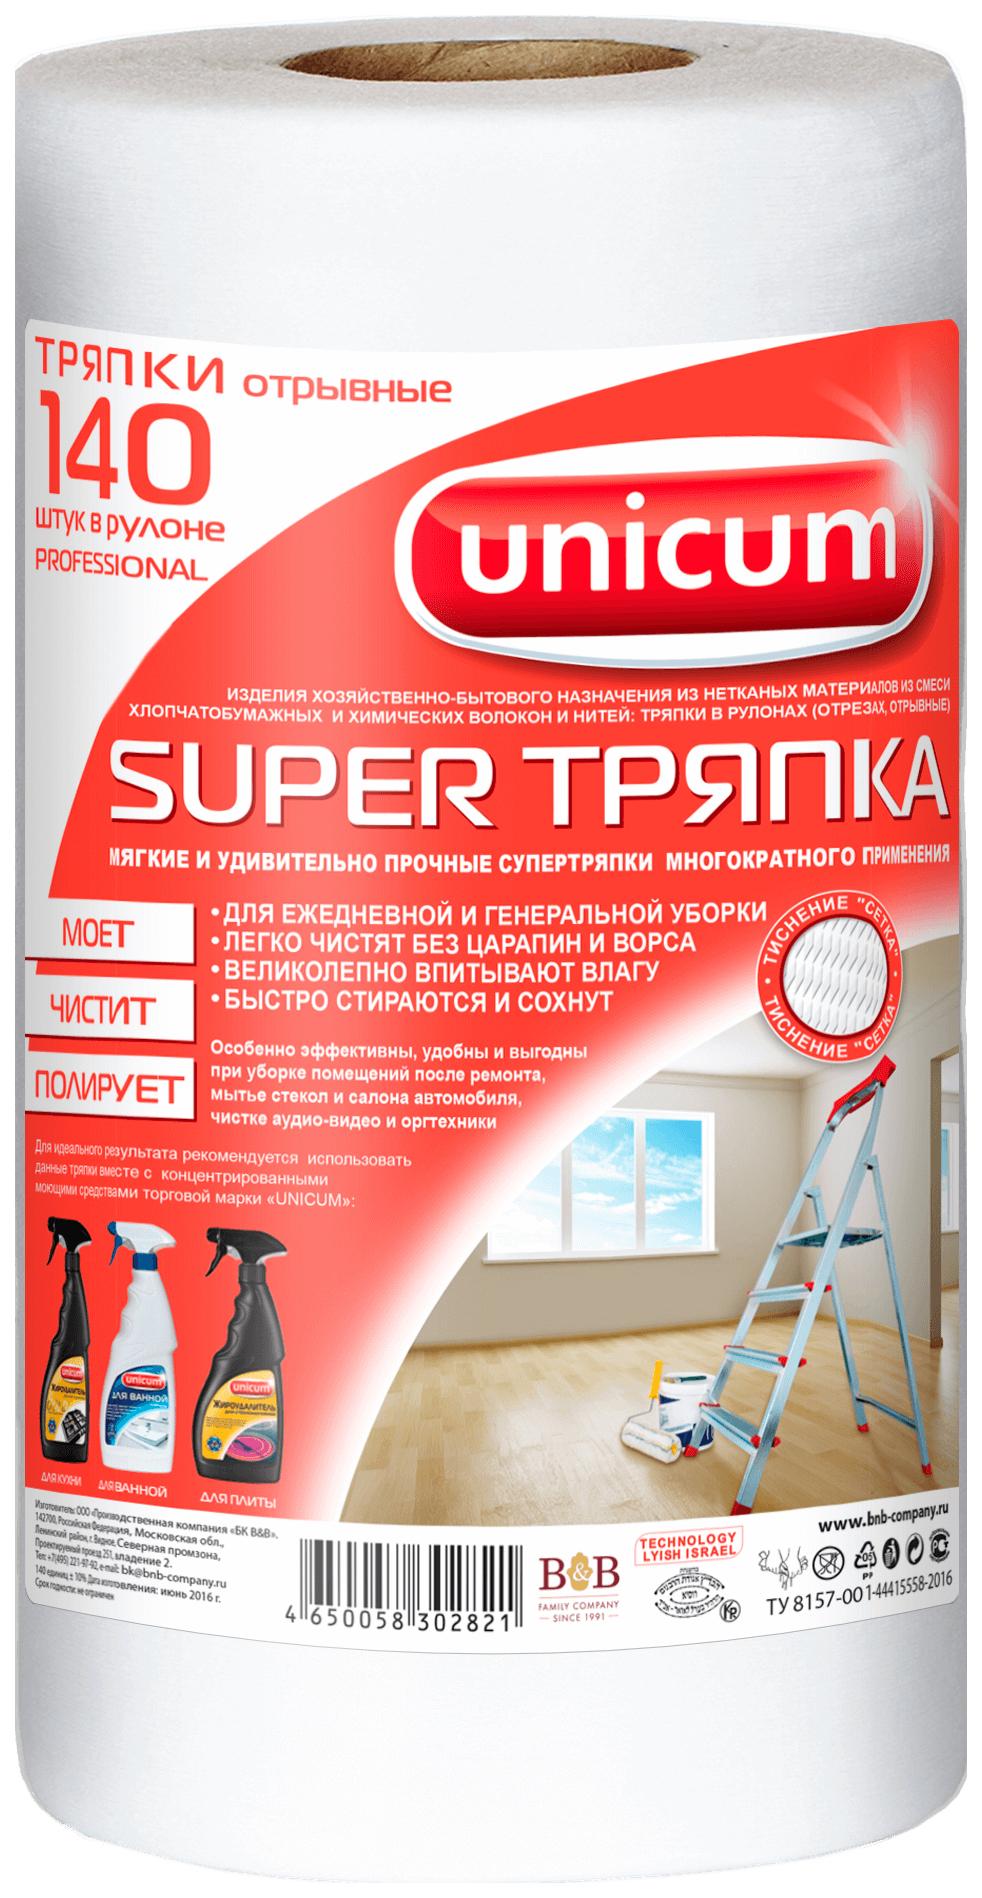 Тряпка для уборки UNICUM Super для уборки